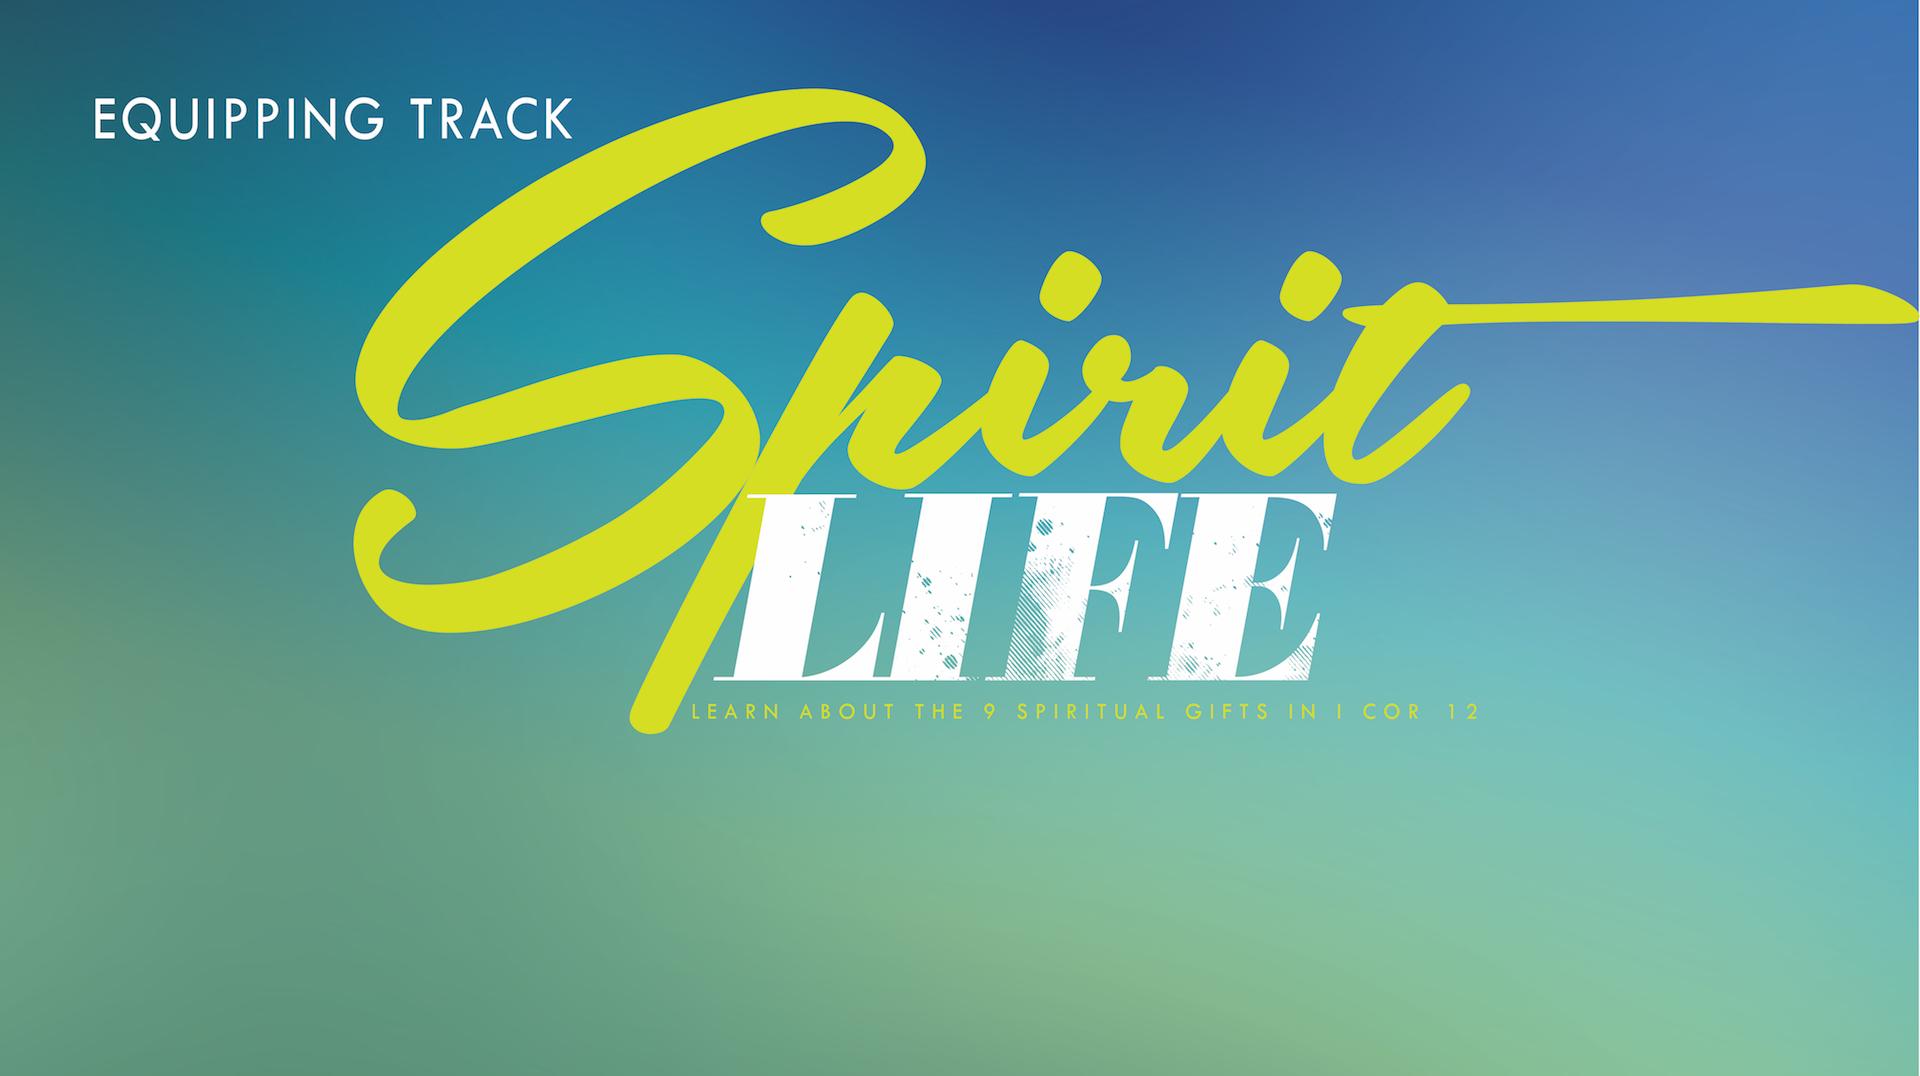 Spirit life social media2